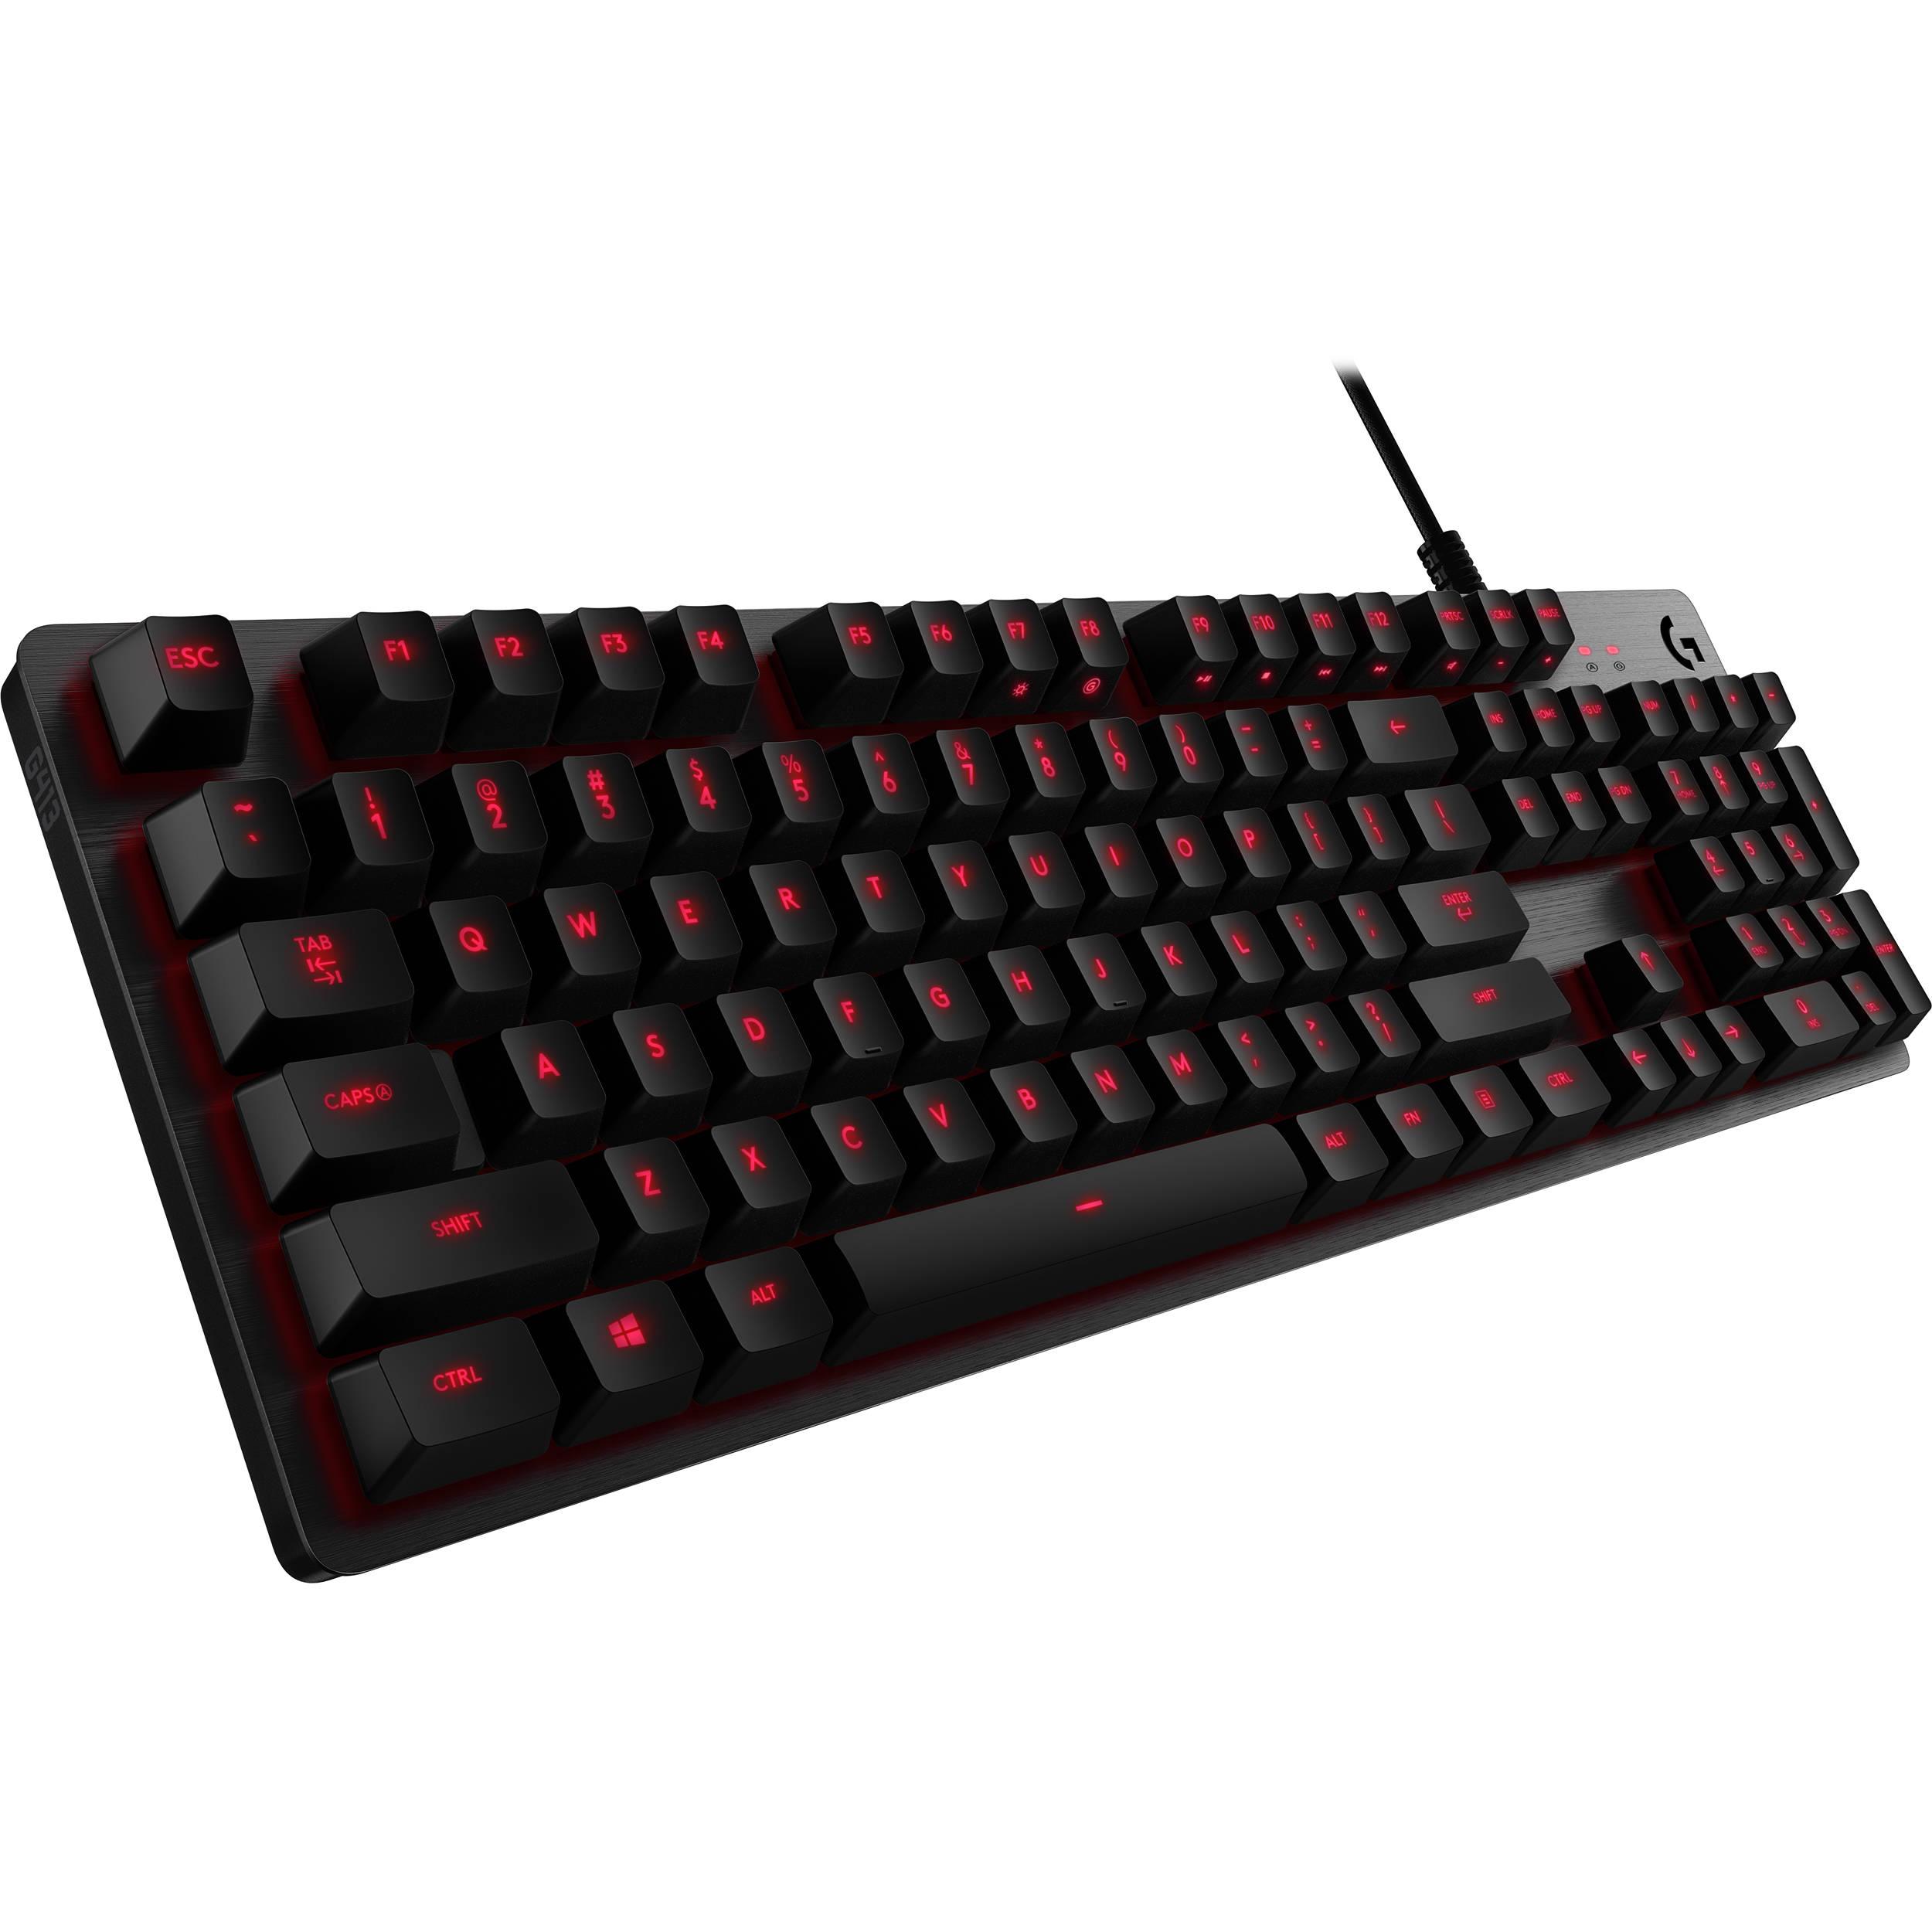 Logitech G413 Mechanical Backlit Gaming Keyboard (Carbon)